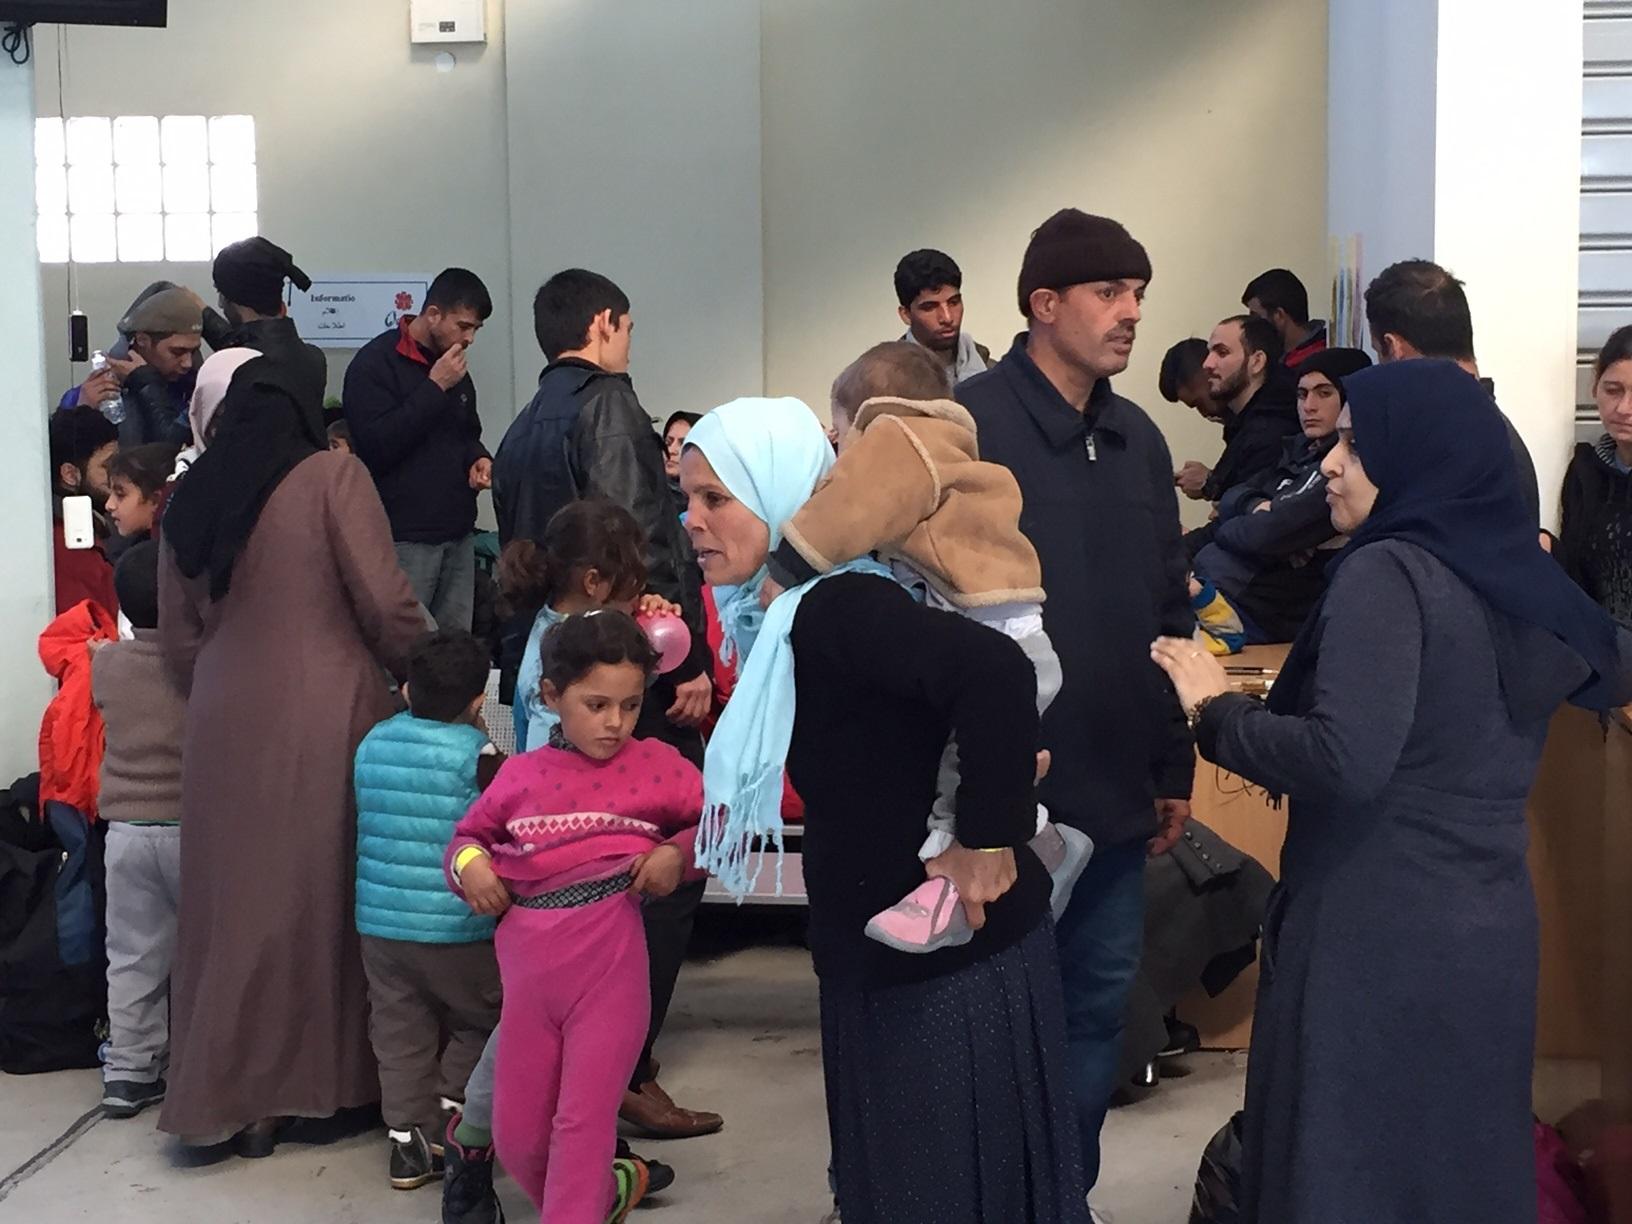 Αποχωρούν από τους καταυλισμούς προσφύγων στην Ηλεία οι «Γιατροί του Κόσμου»! Τι καταγγέλλουν